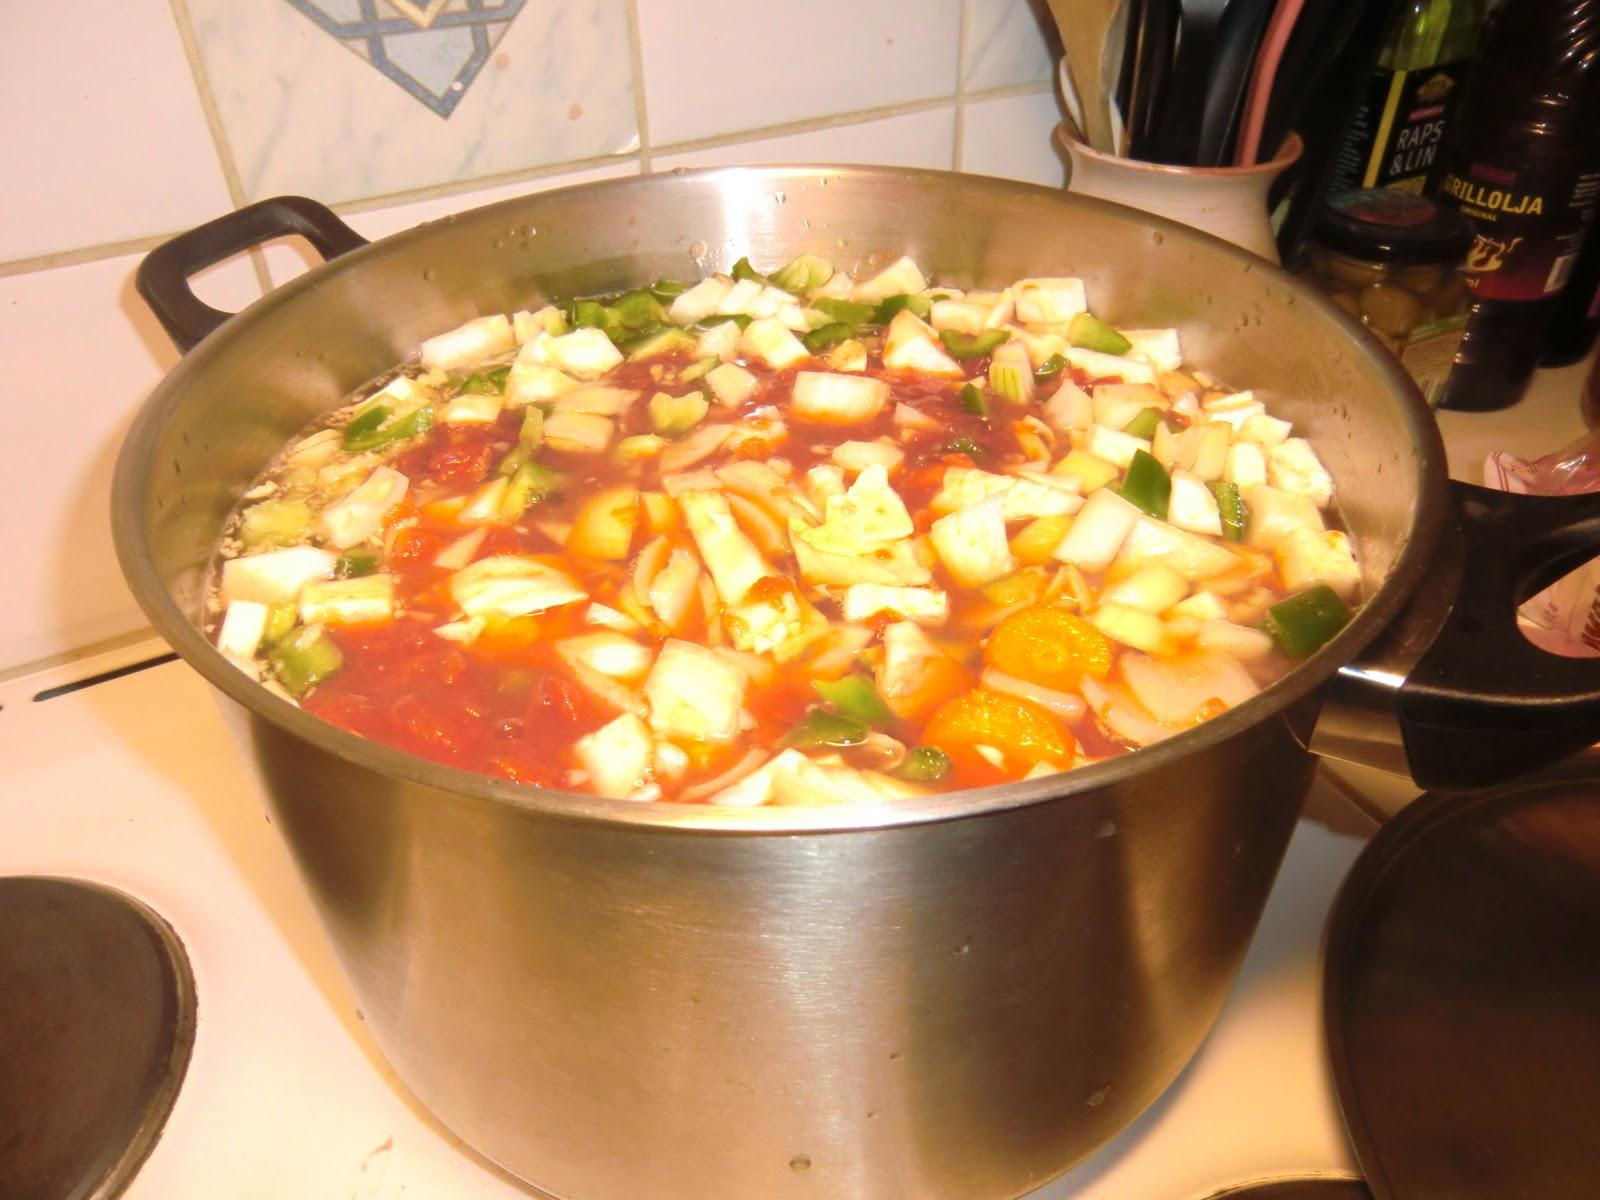 bantarsoppa med vitkål